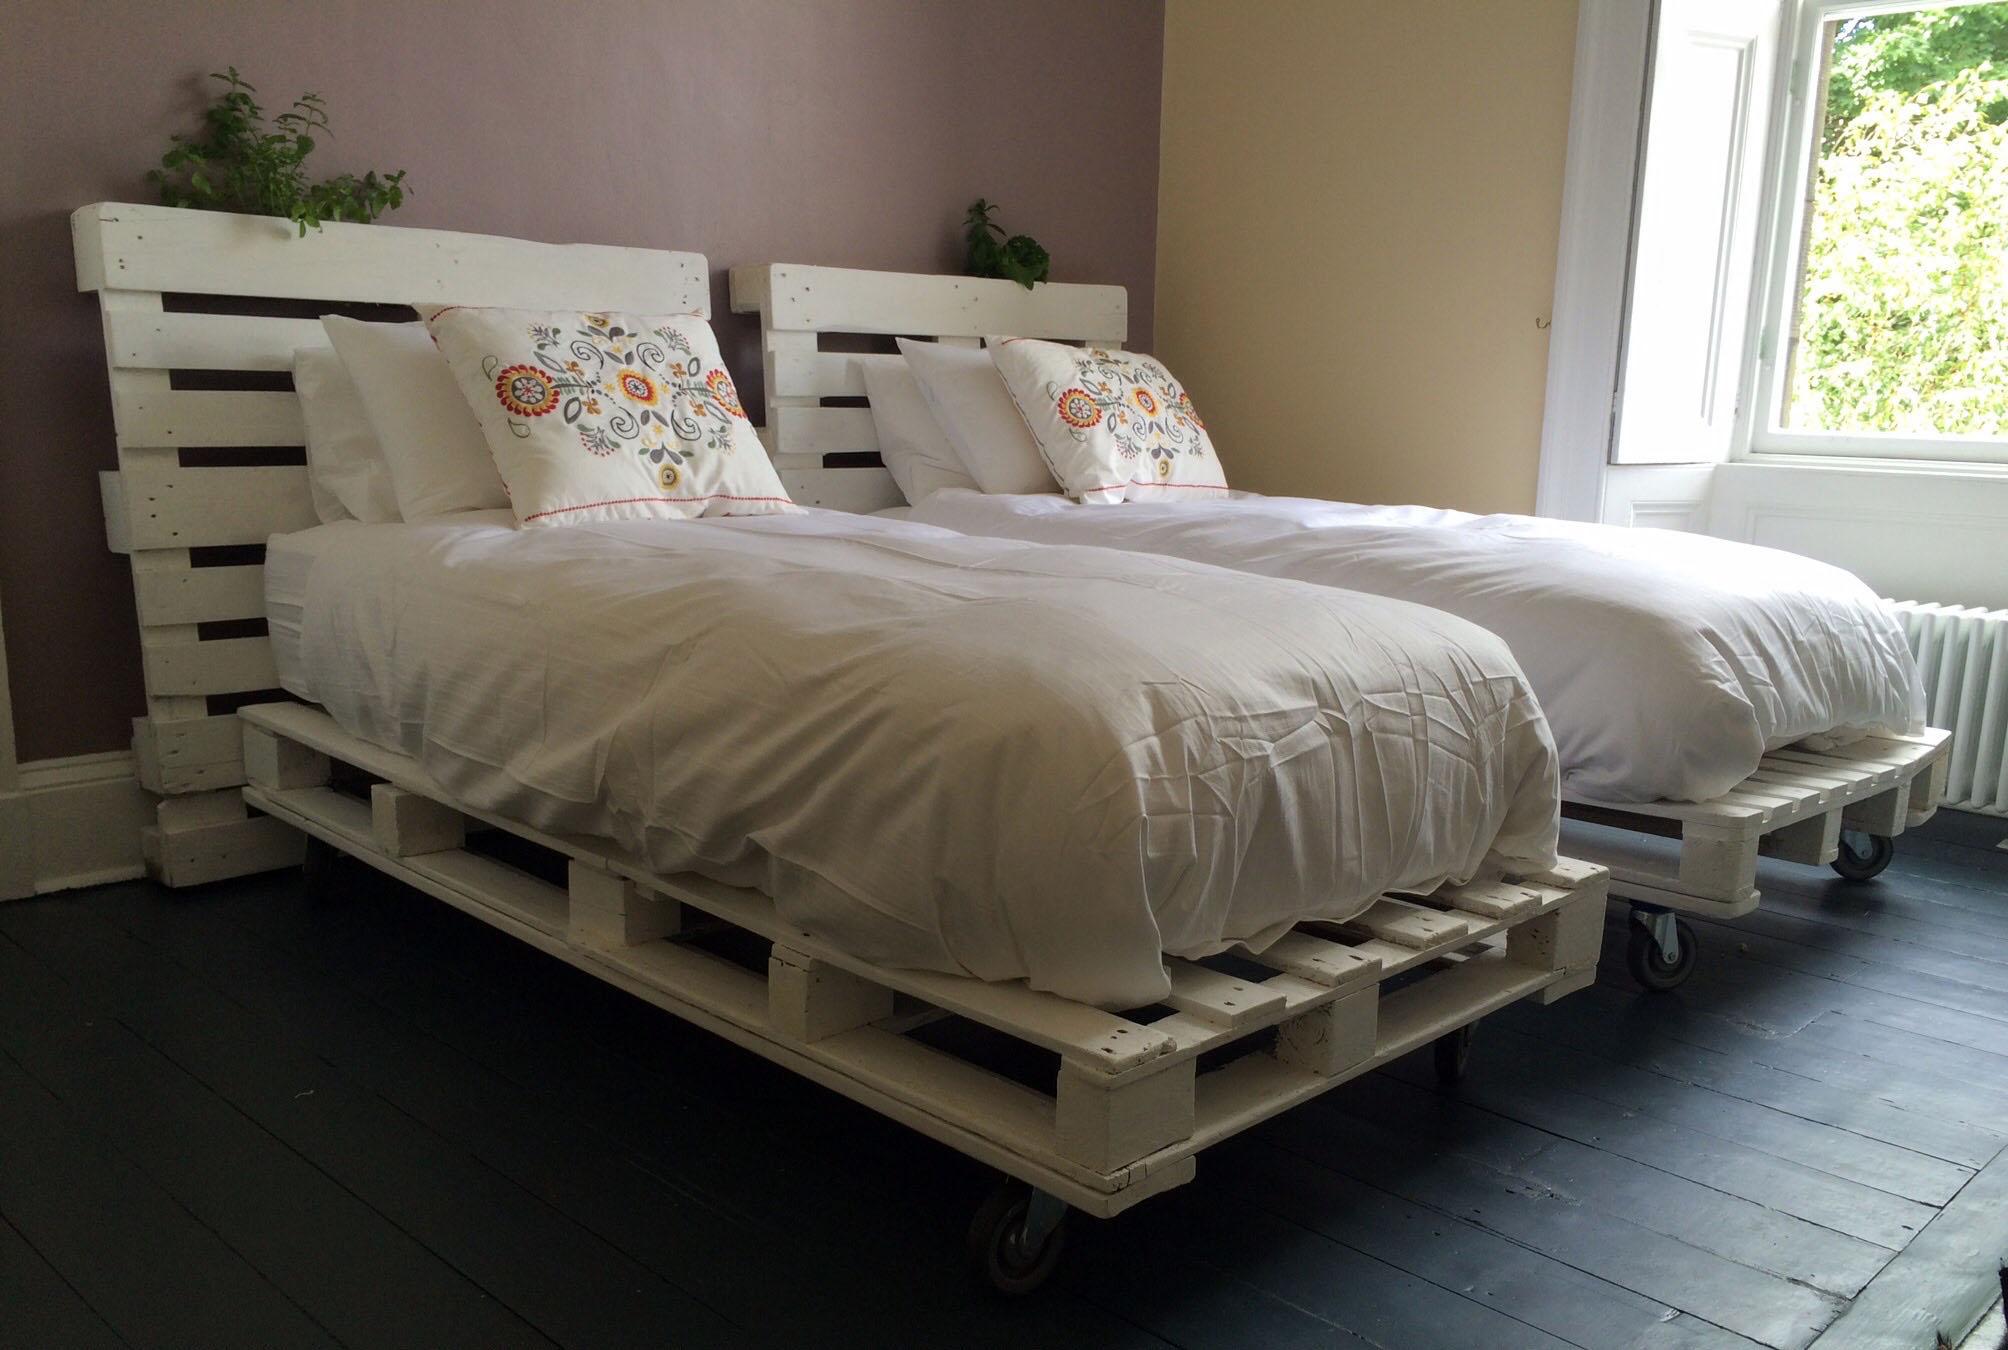 1001 ideas de camas con palets hechas a mano - Muebles decorados a mano ...